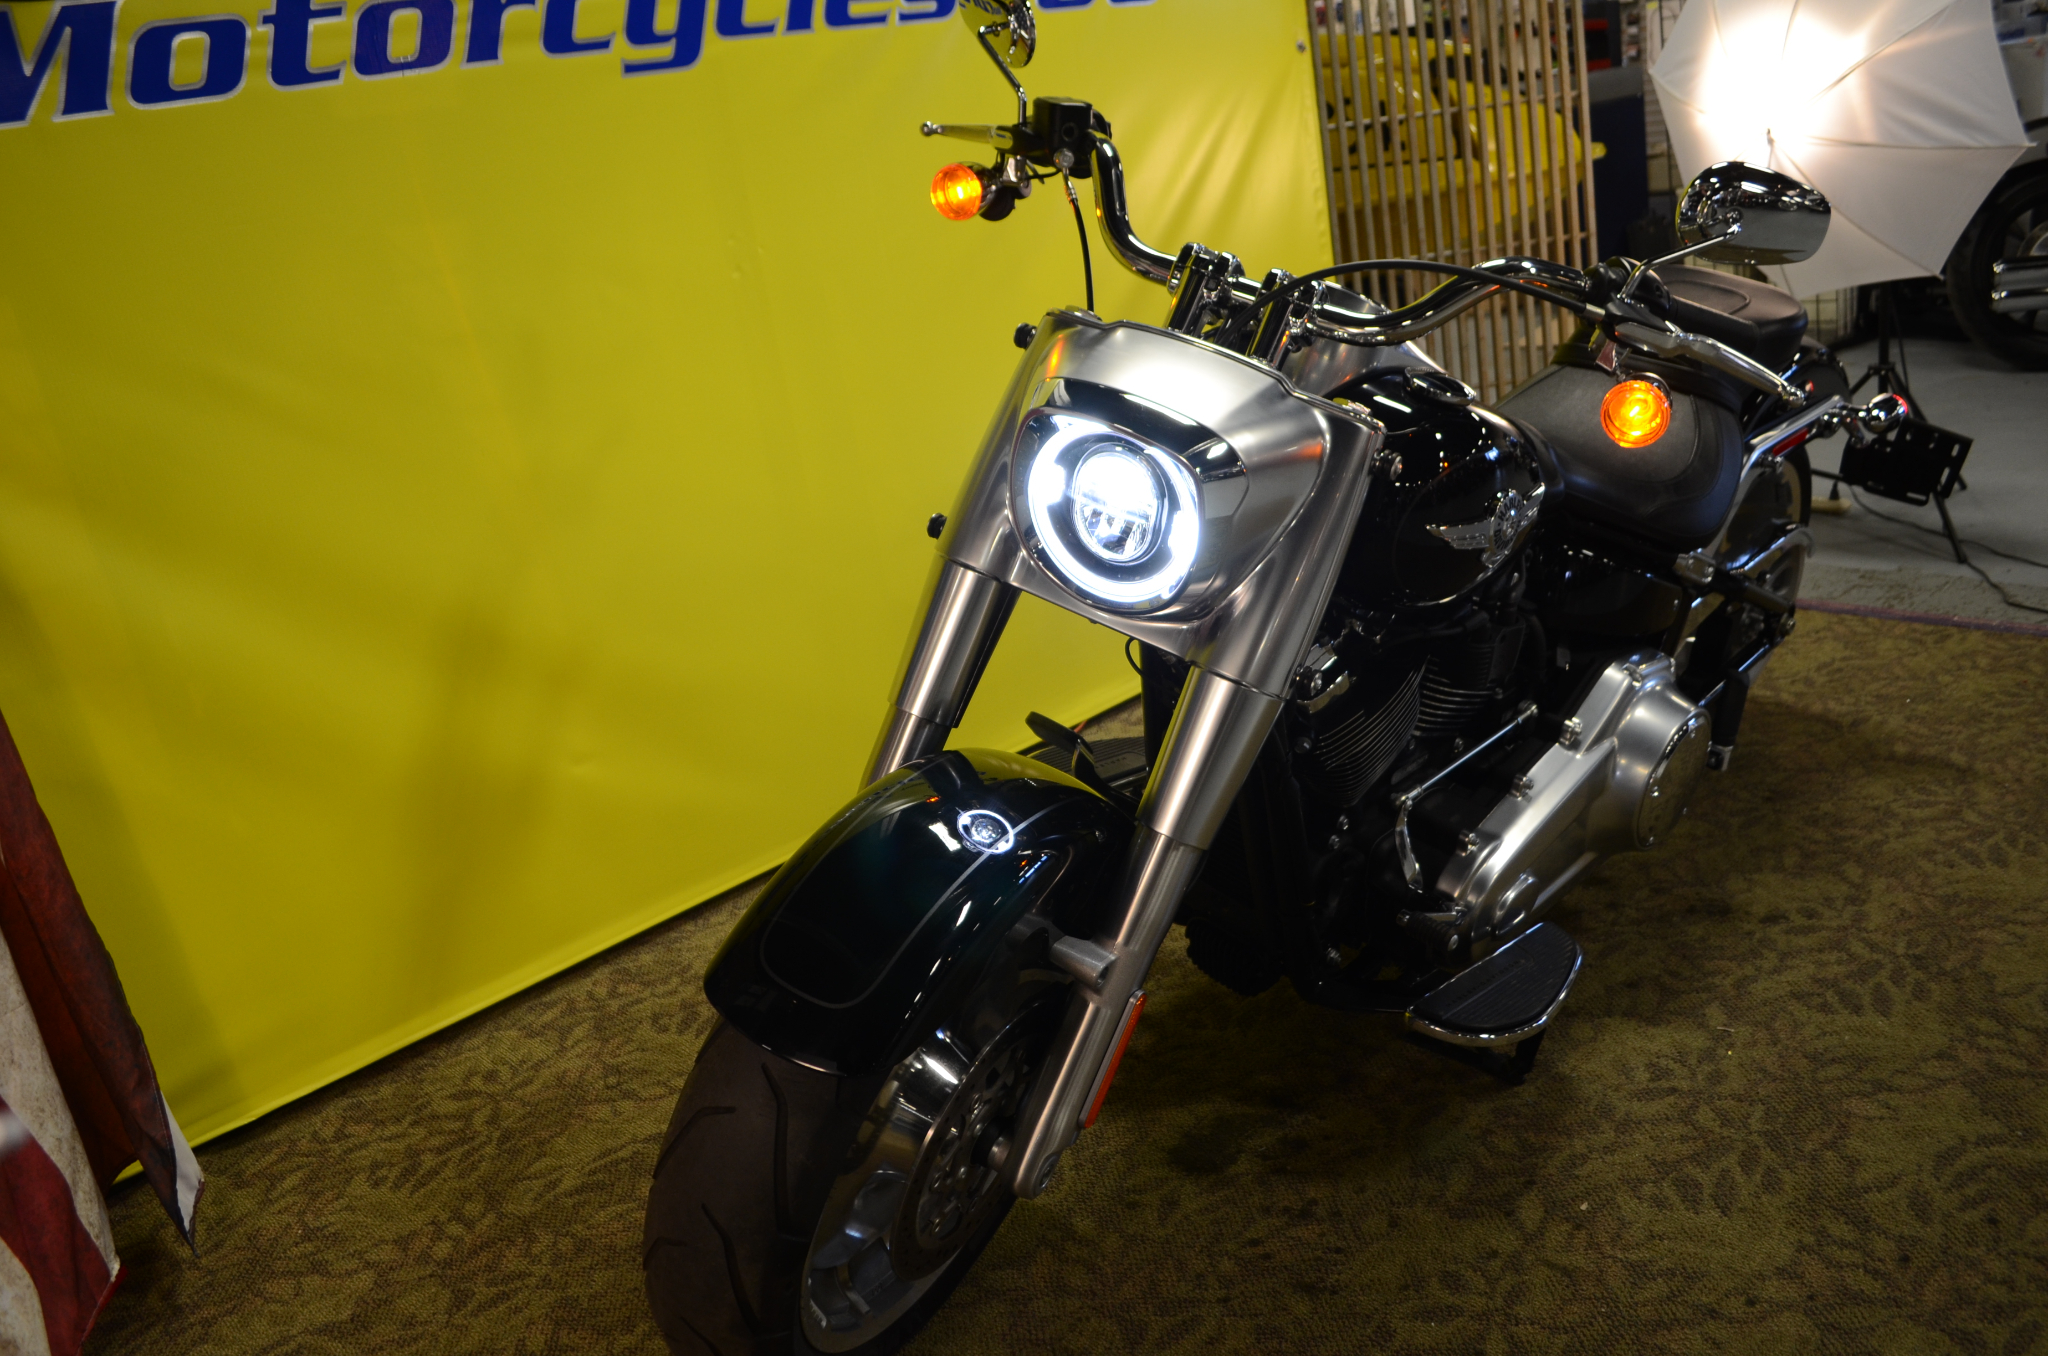 2018 Harley-Davidson Softail Fat Boy FLFB